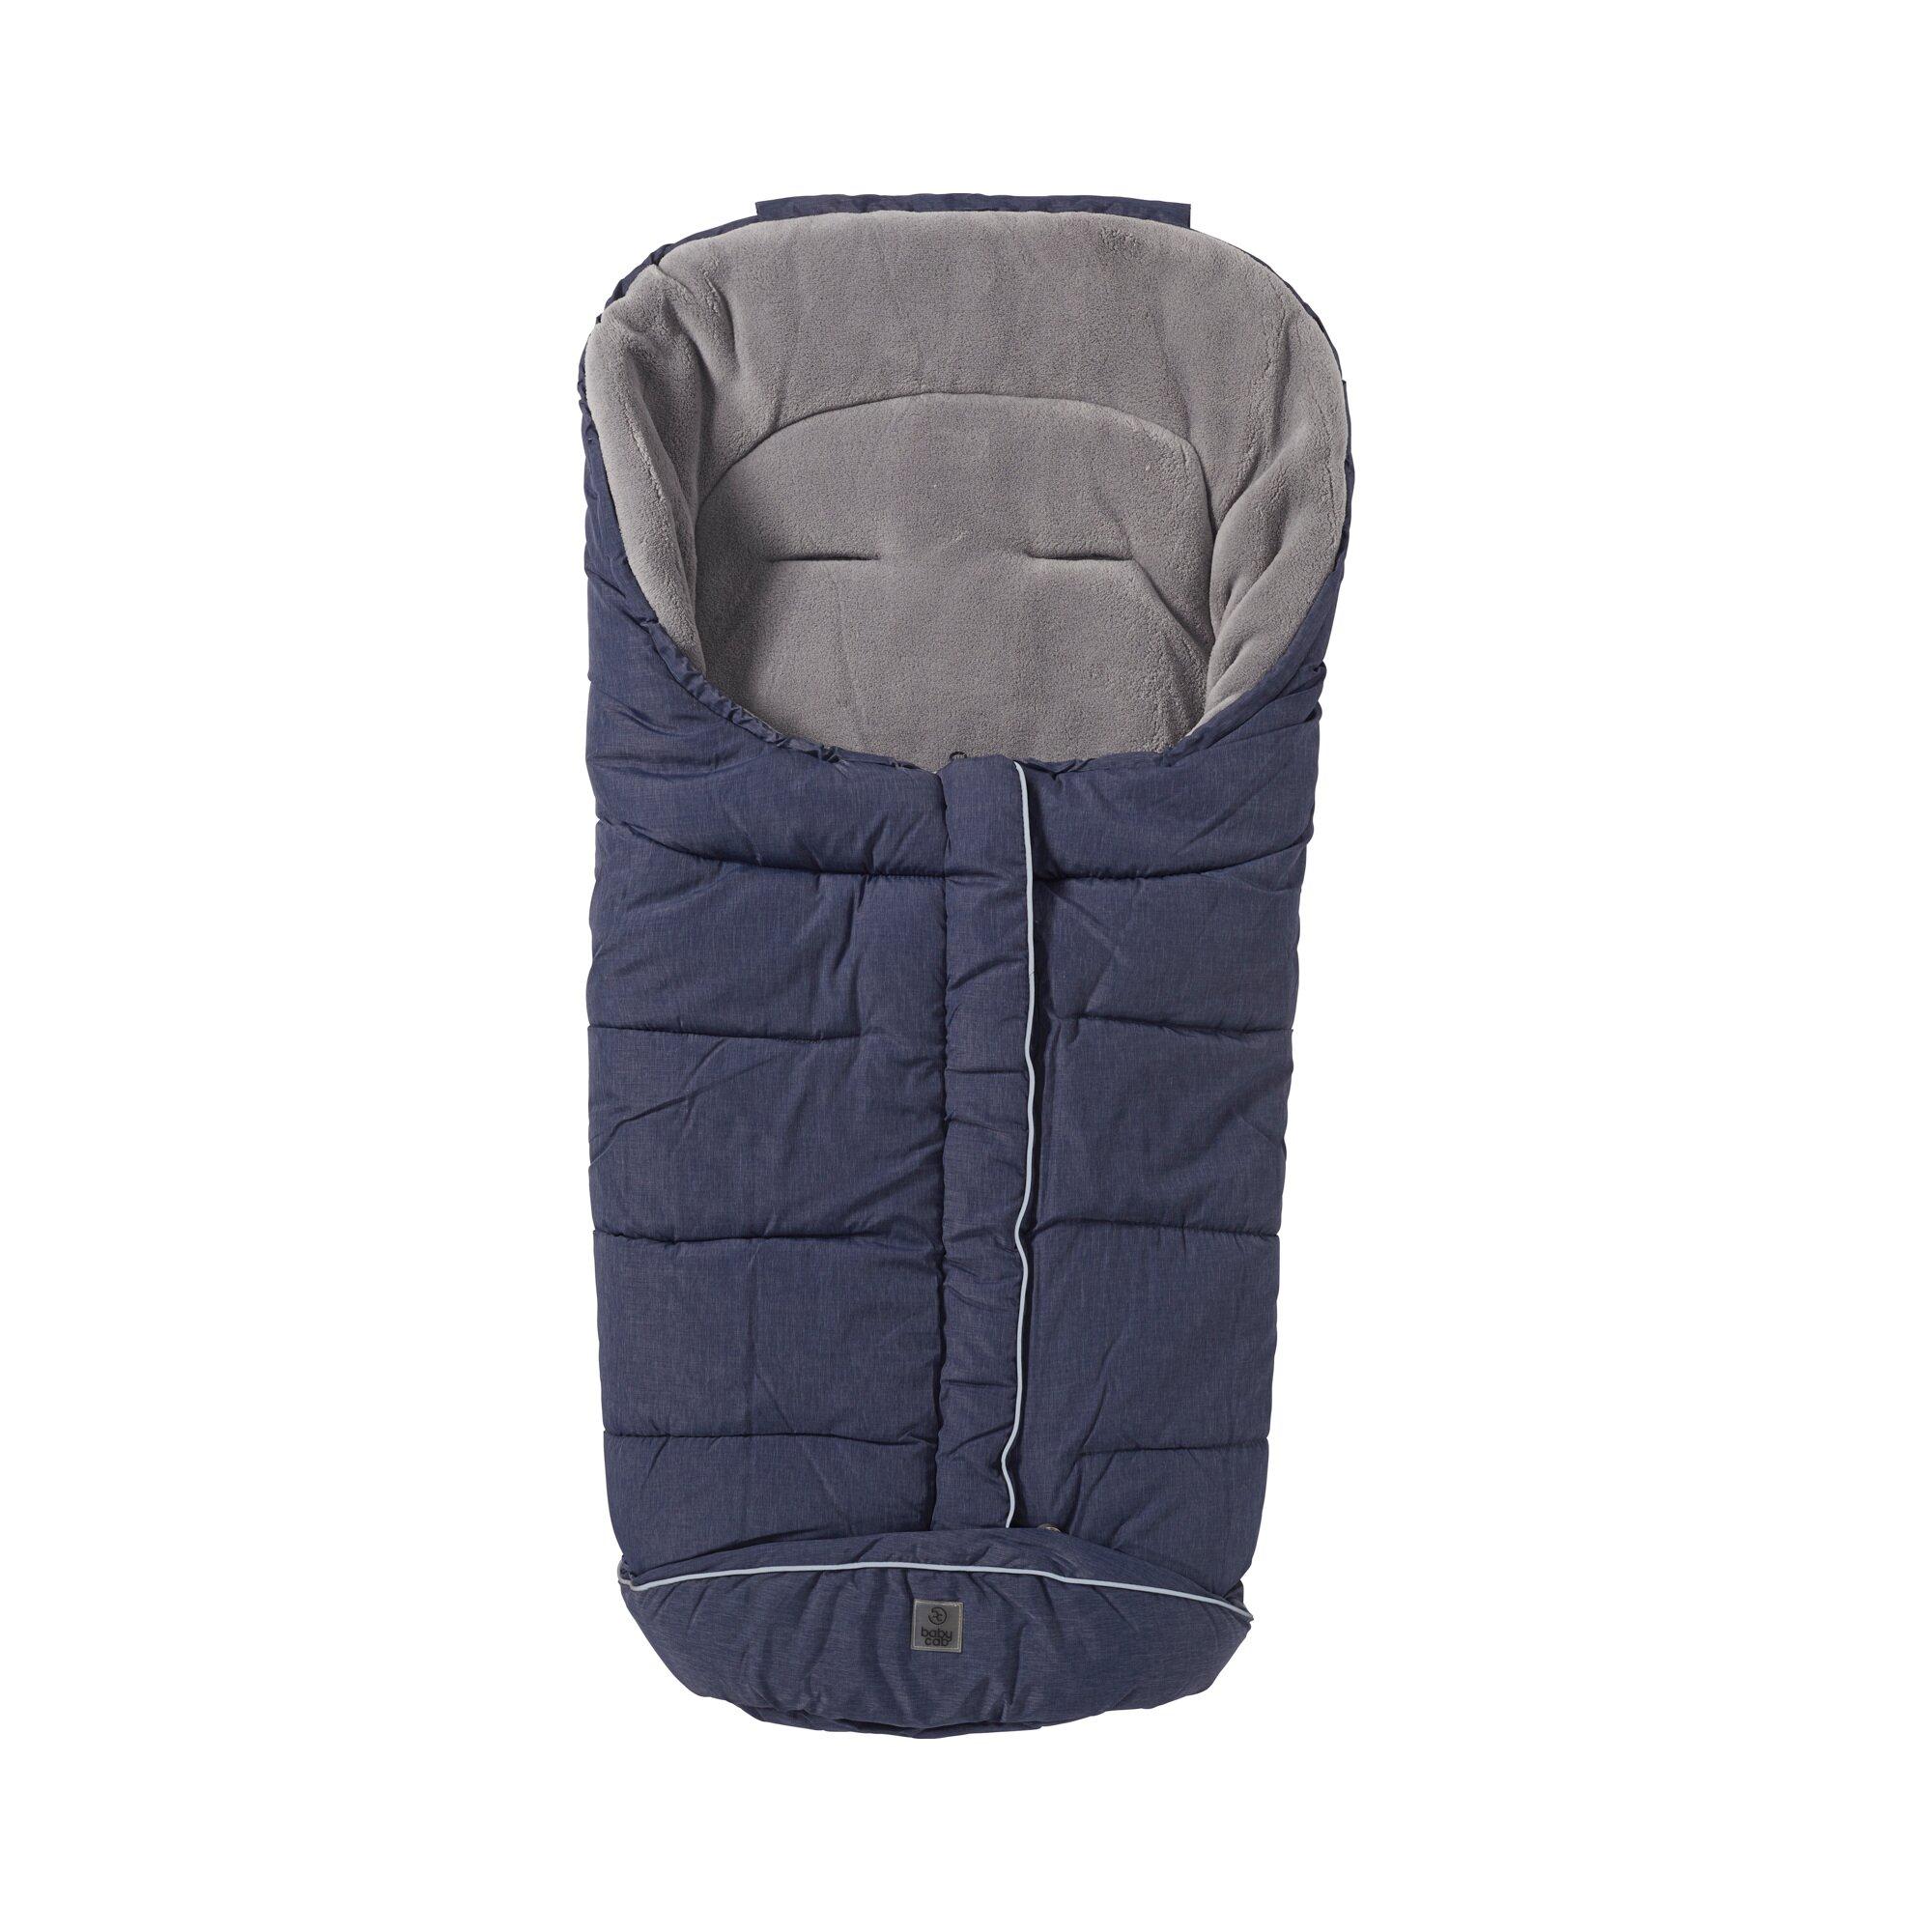 Babycab Winter-Fußsack Pongee für Babyschale, Tragewanne blau